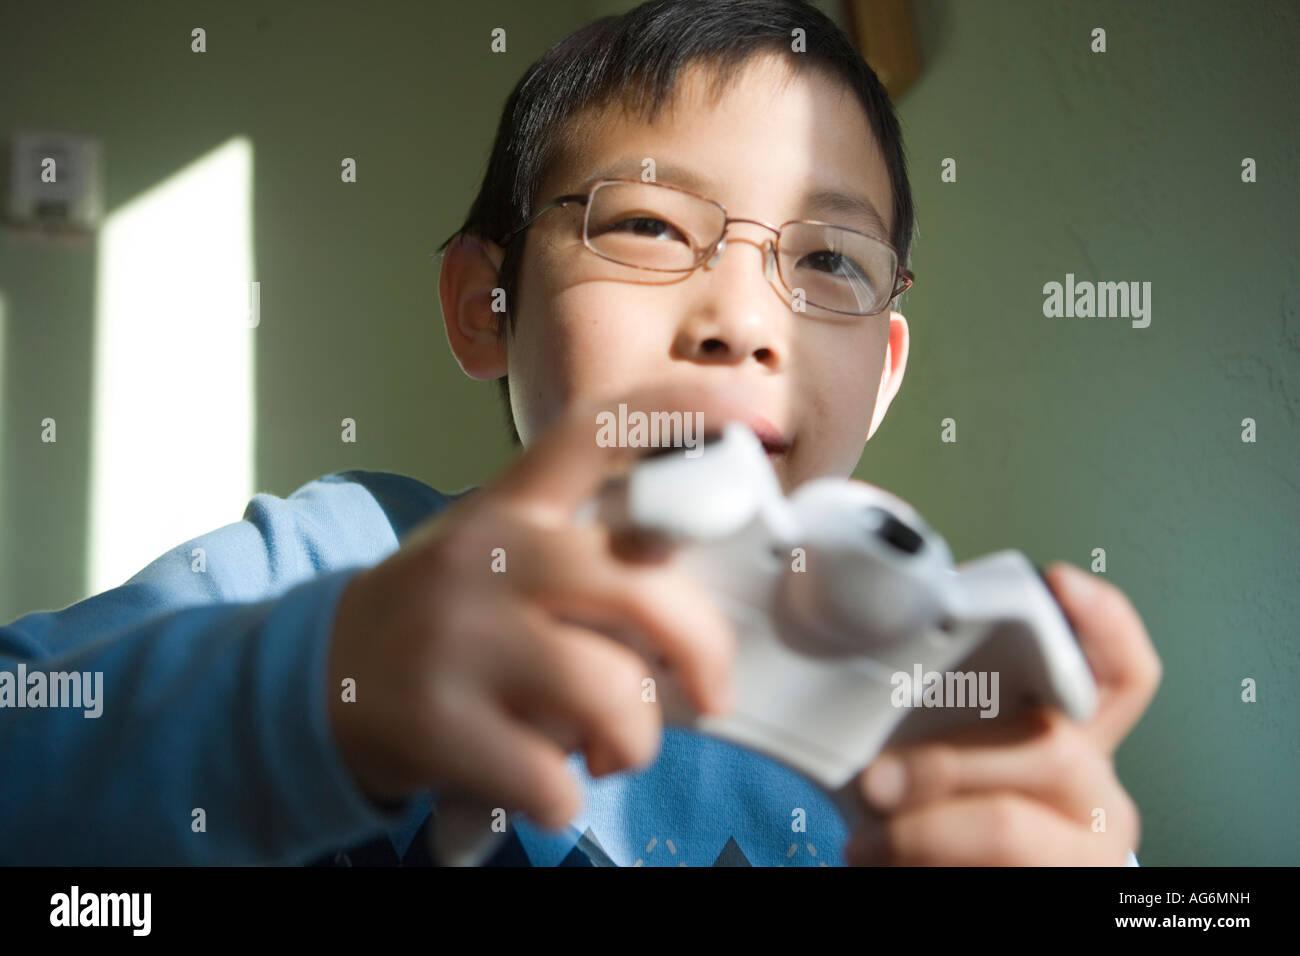 Giapponese dieci anni di vecchio ragazzo la riproduzione di video gioco closeup Immagini Stock